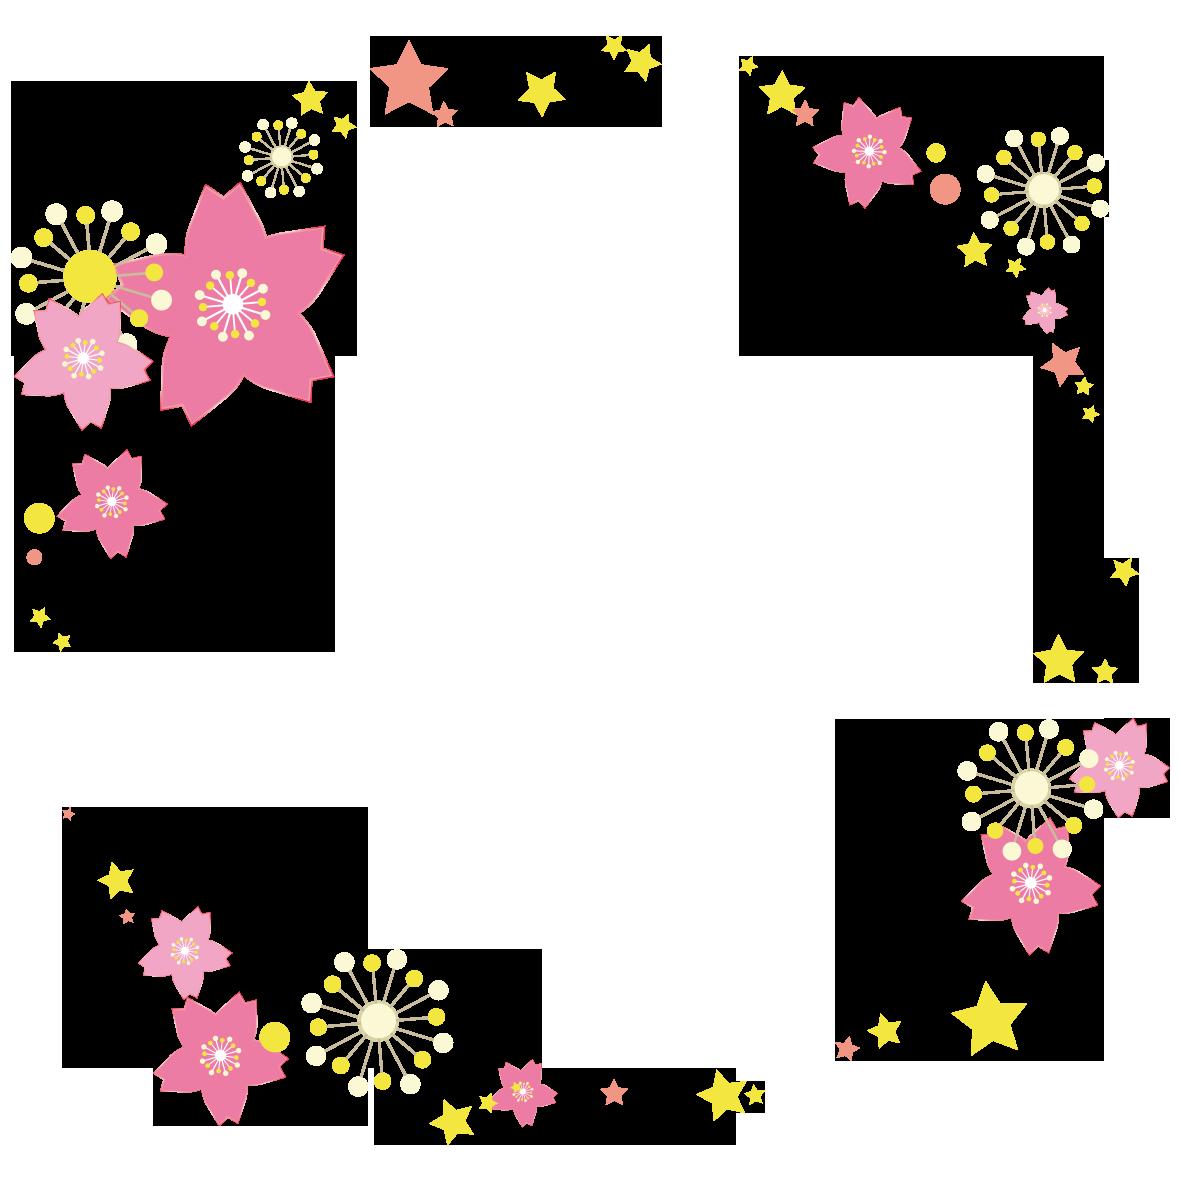 春のイラスト一覧 無料イラスト愛